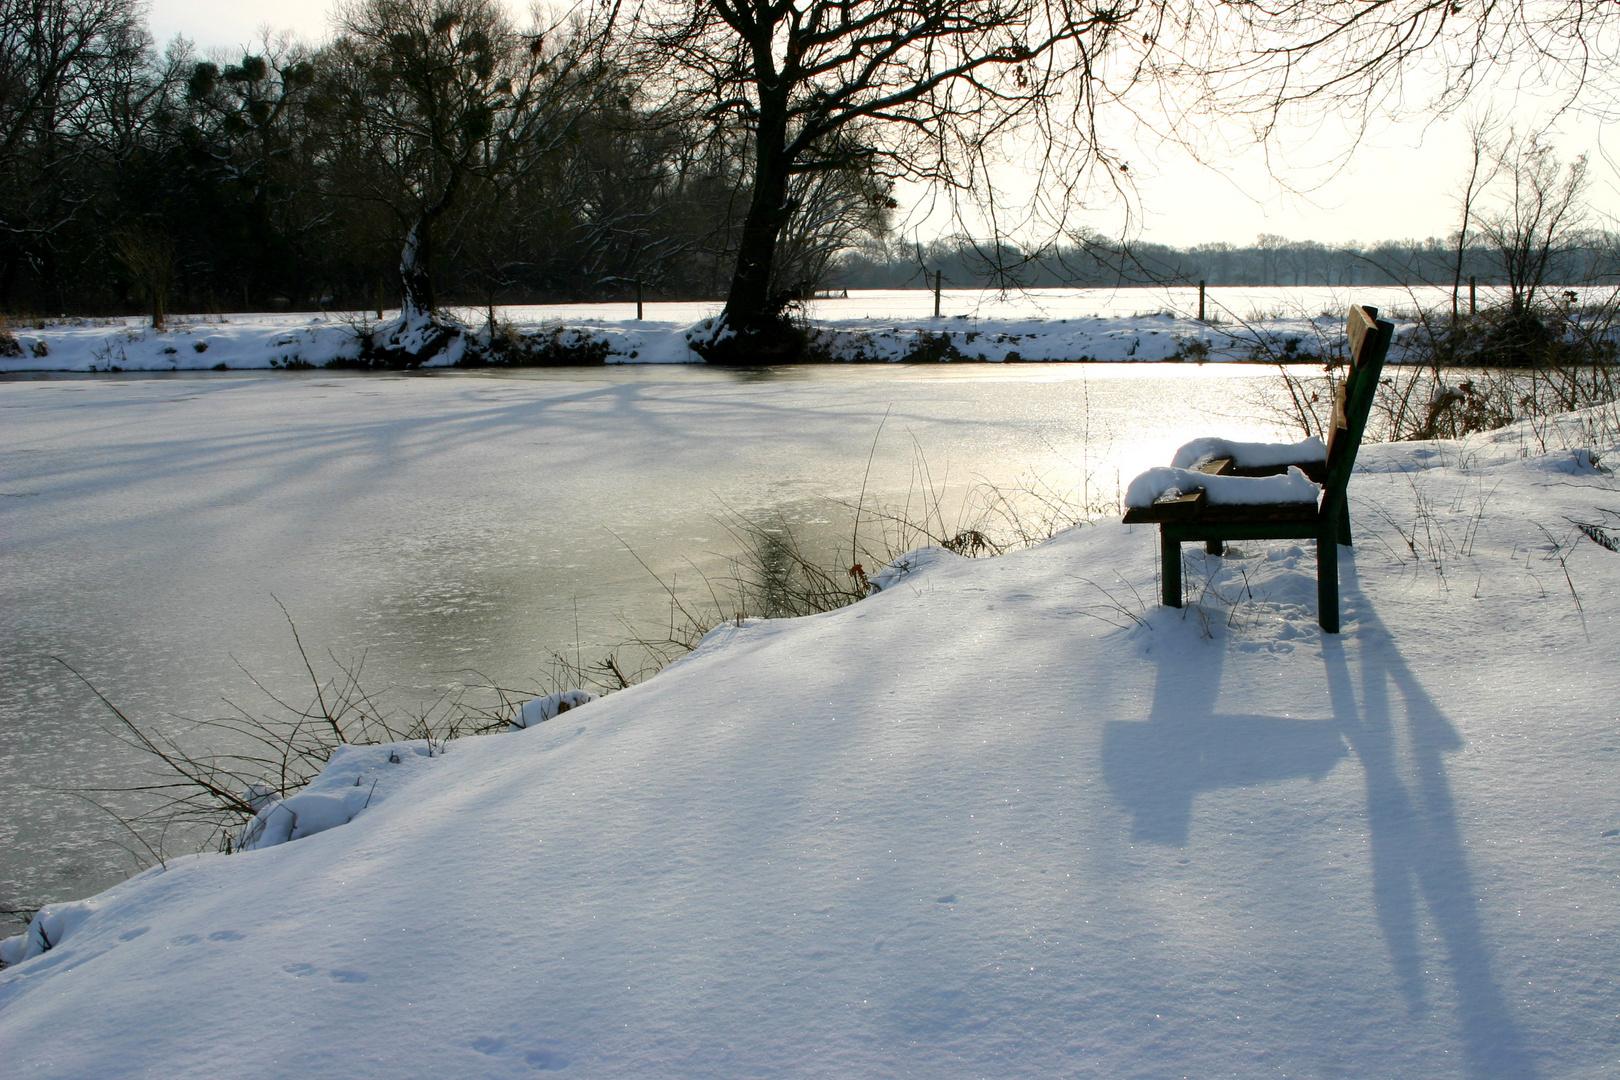 Platz im Schnee